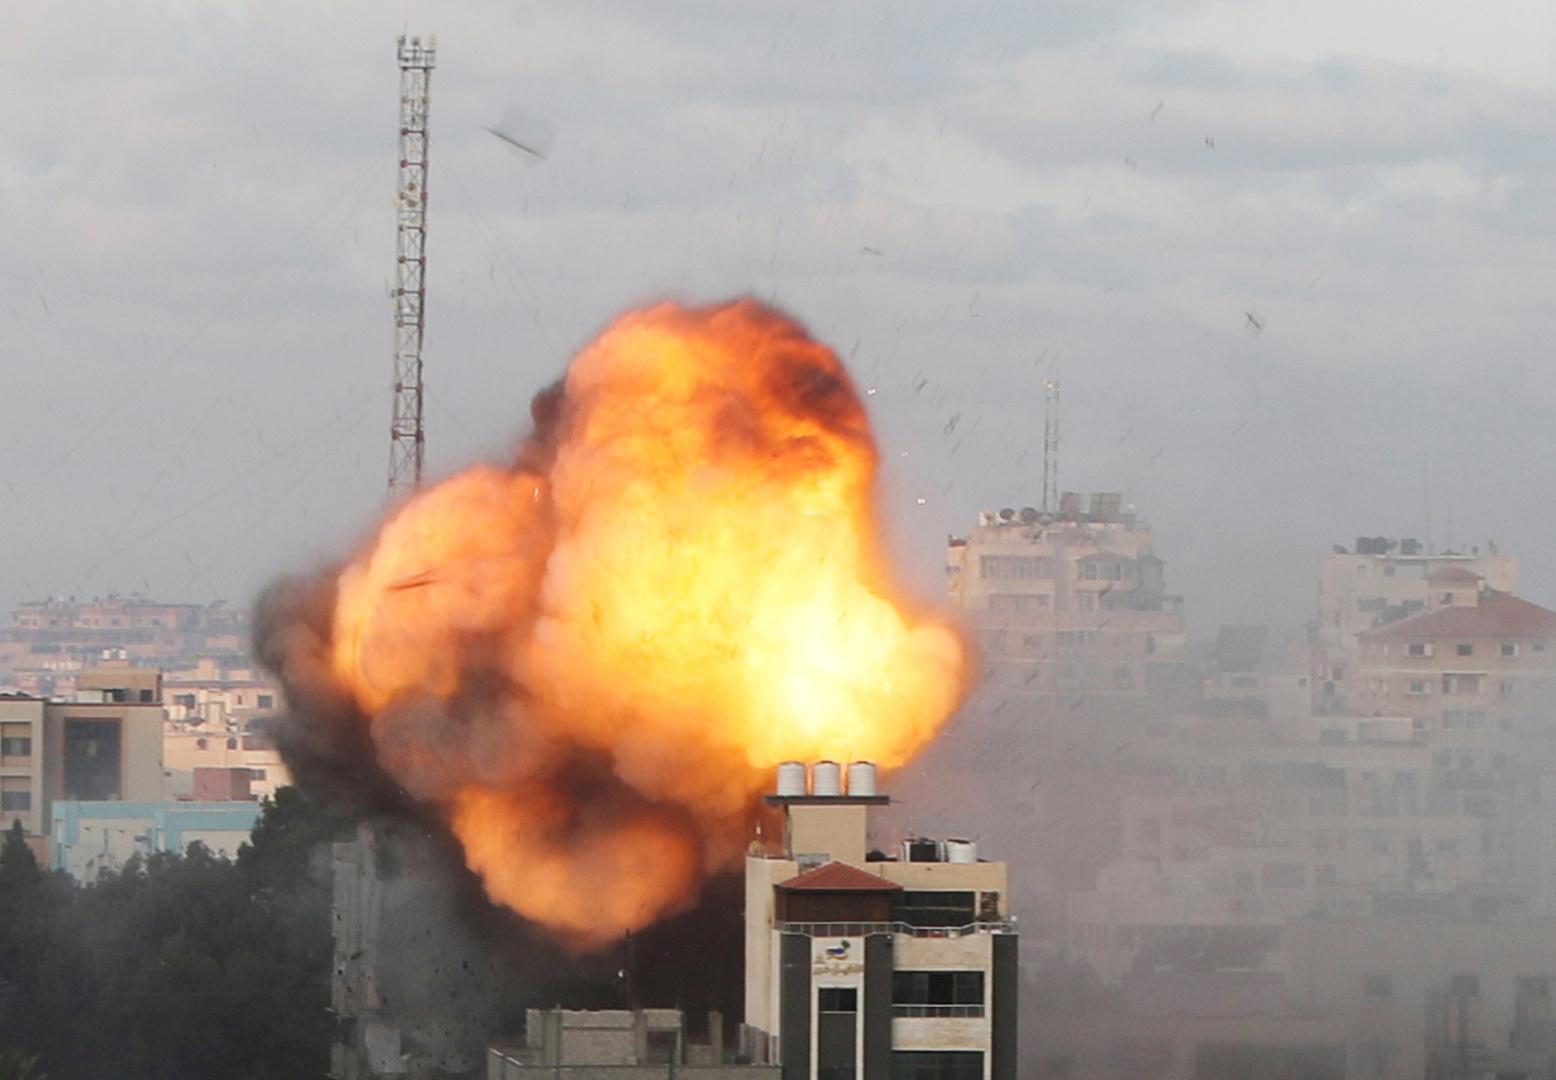 الجيش الإسرائيلي: 52 مقاتلةنفذت 120 غارة على مواقع في قطاع غزة خلال 25 دقيقة